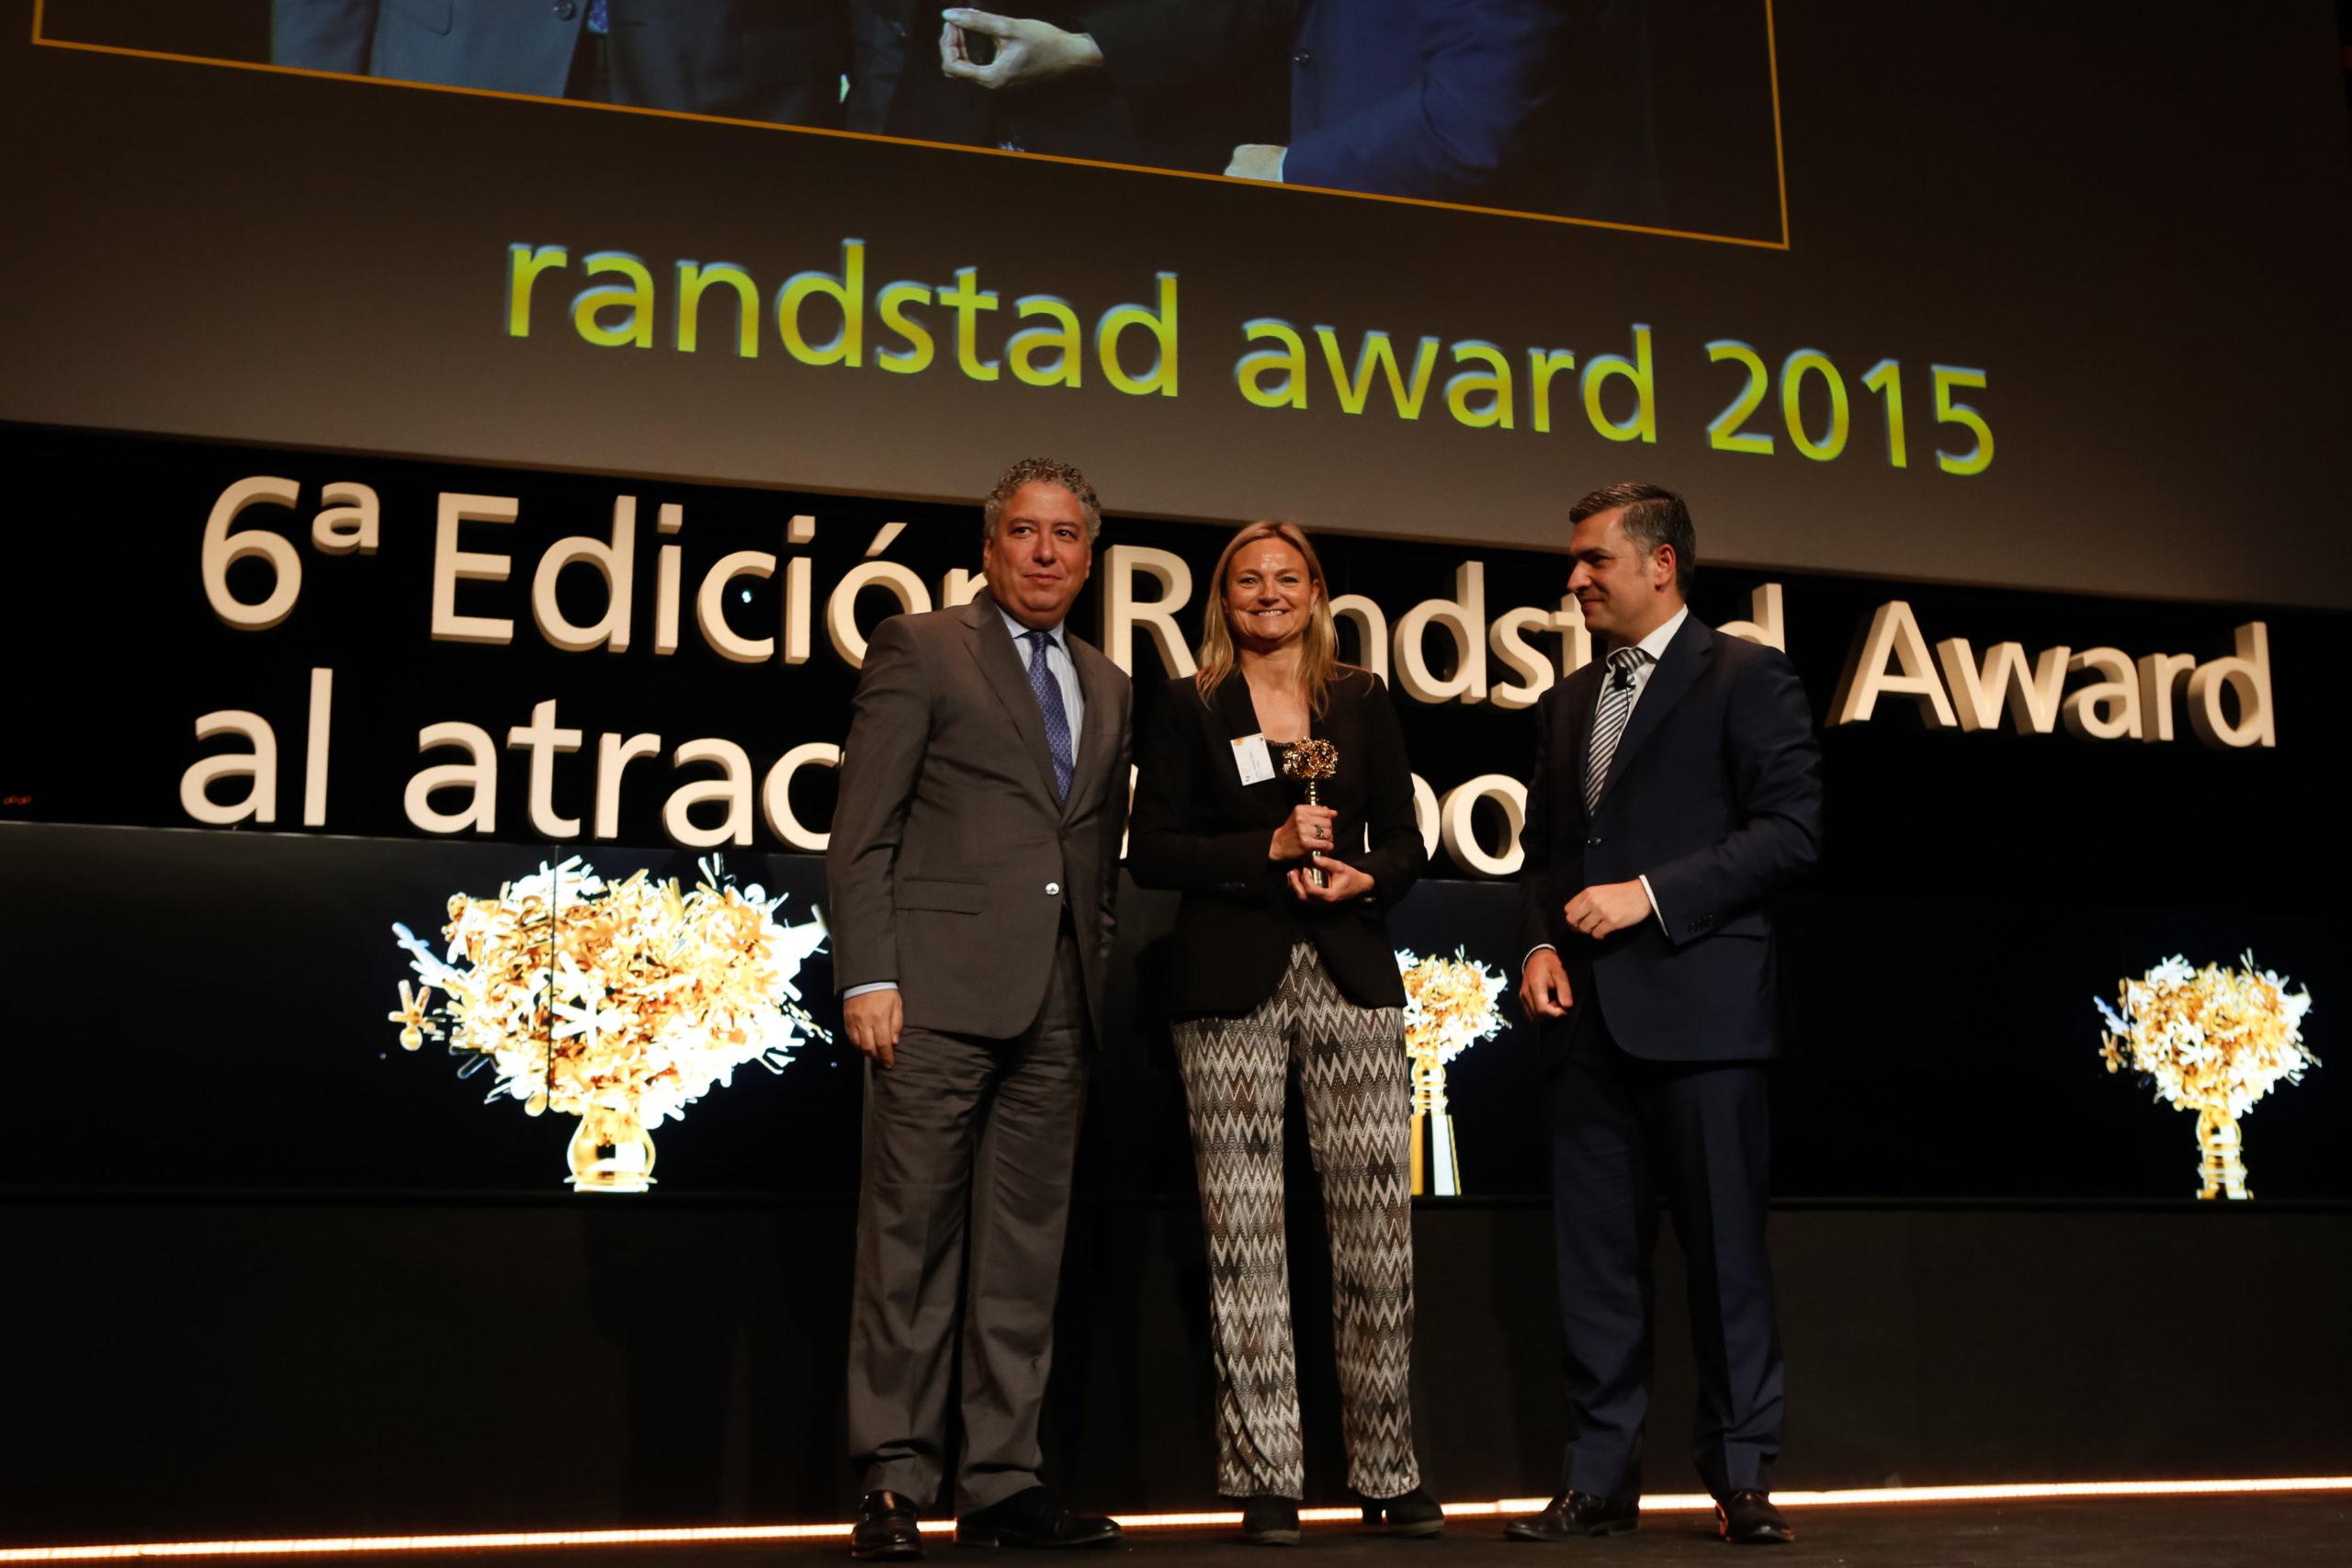 RANDSTAD AWARDS 2015